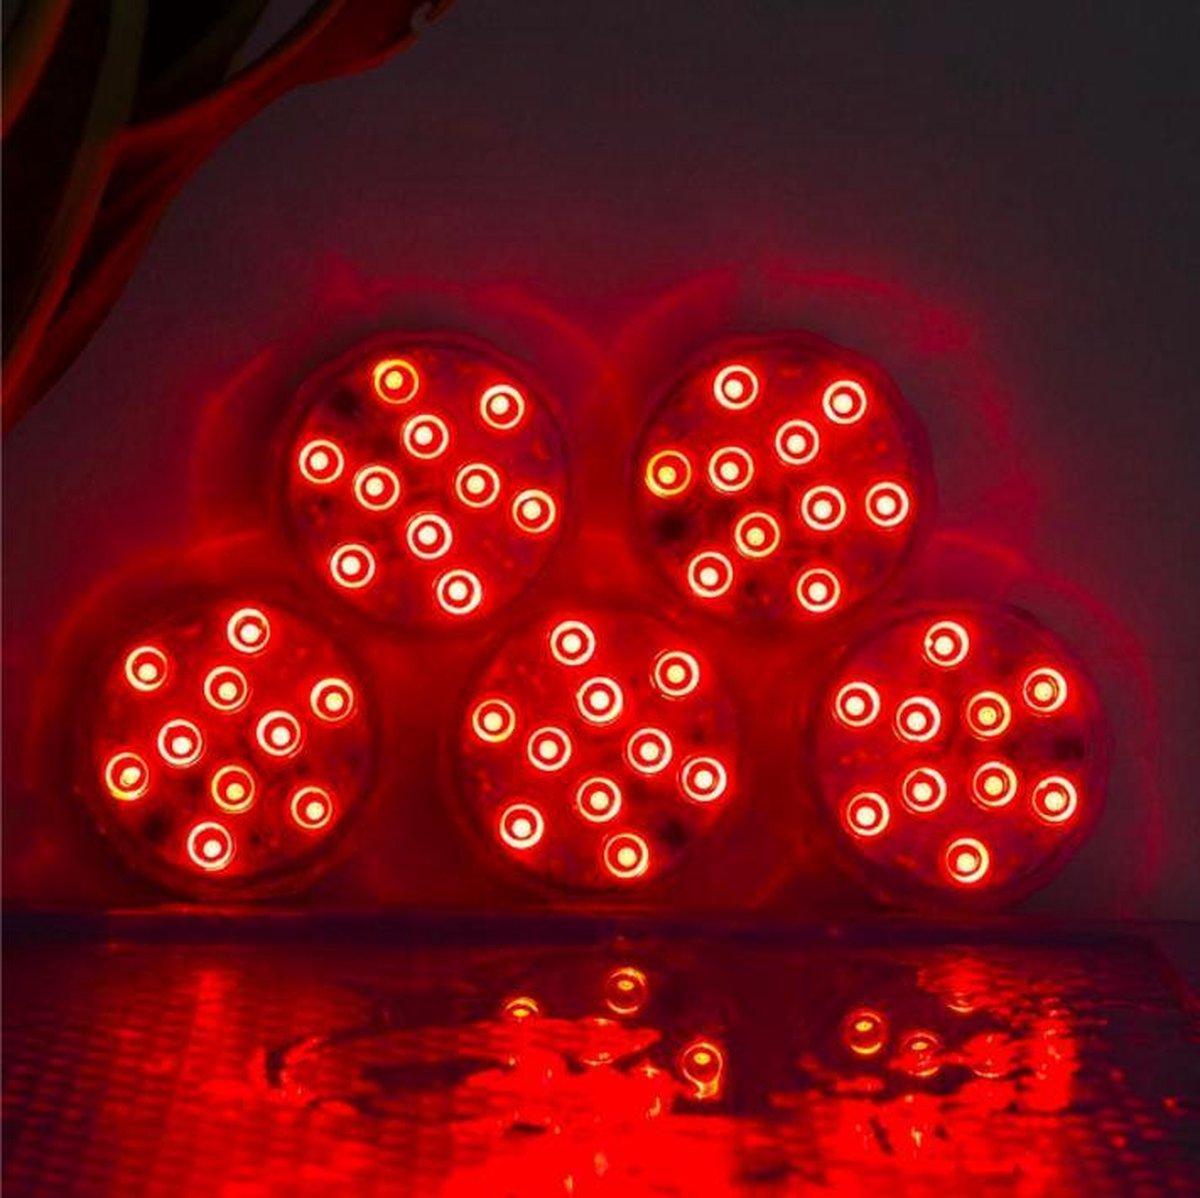 Zwembad Verlichting Waterbestendig 2021 editie - LED Verlichting Onderwater - Licht voor Onderwater - Decoratie Licht + Afstandsbediening